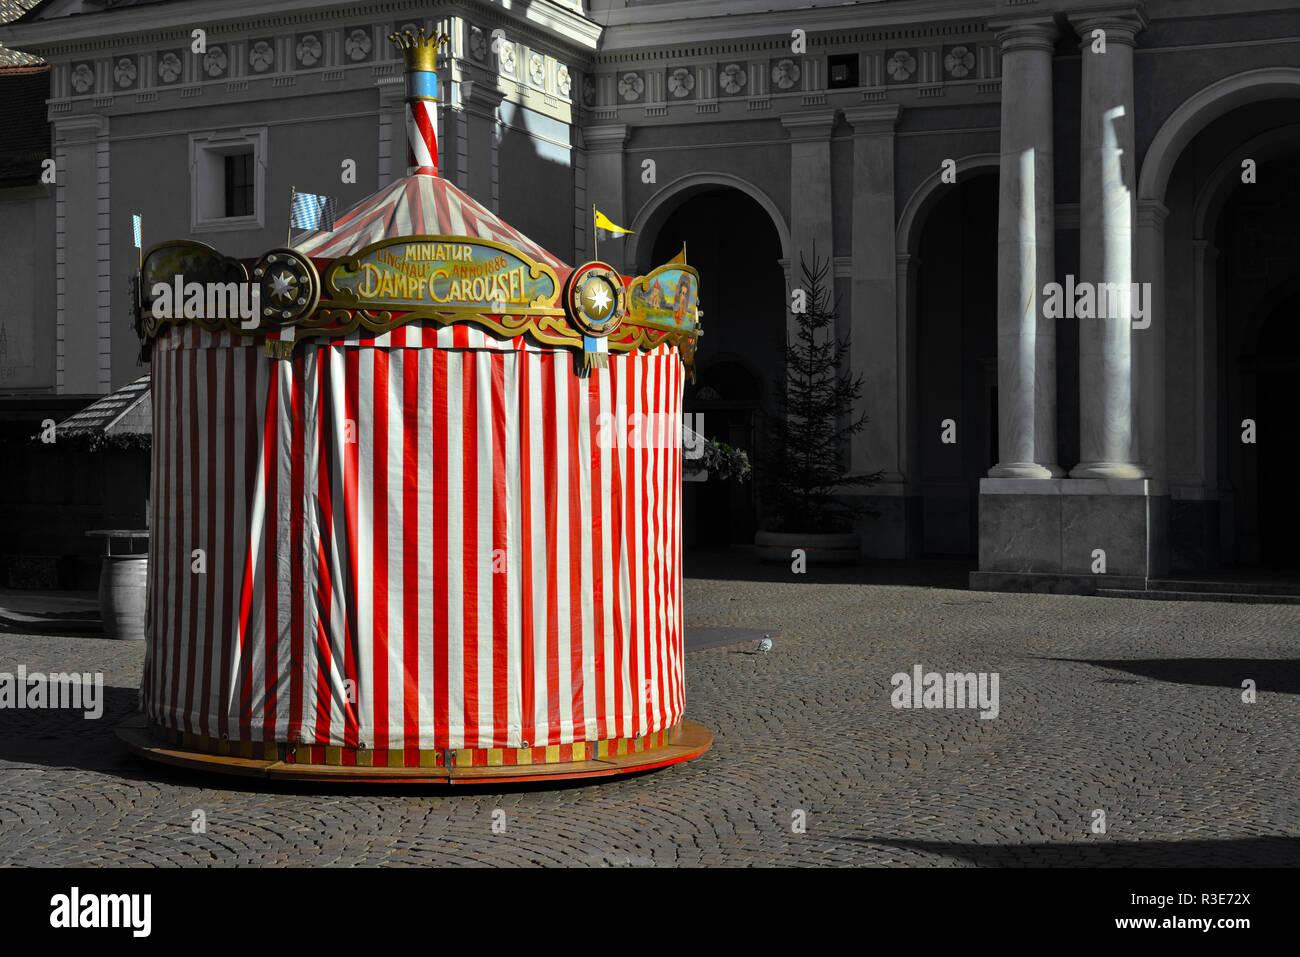 LIMGNAUS MINIATUR DAMPF CAROUSEL . WEIHNACHTSMARKT BRIXEN - Stock Image